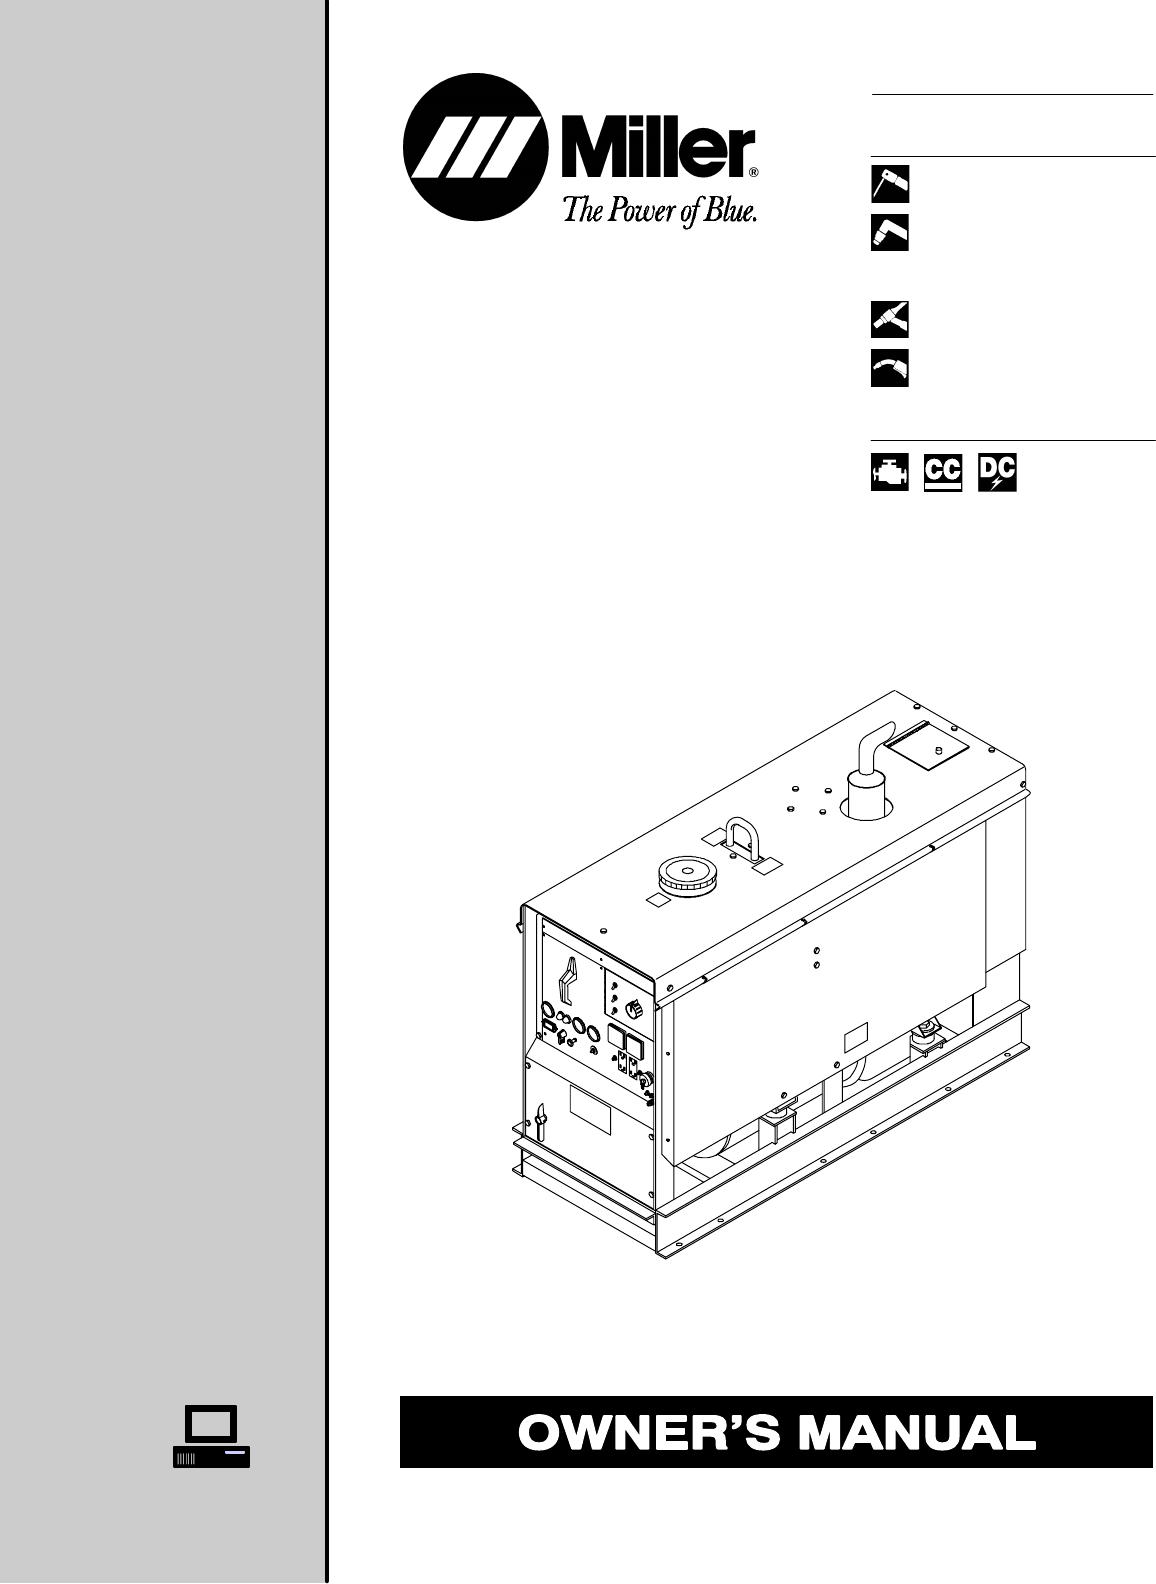 Miller Spot Welder Manual